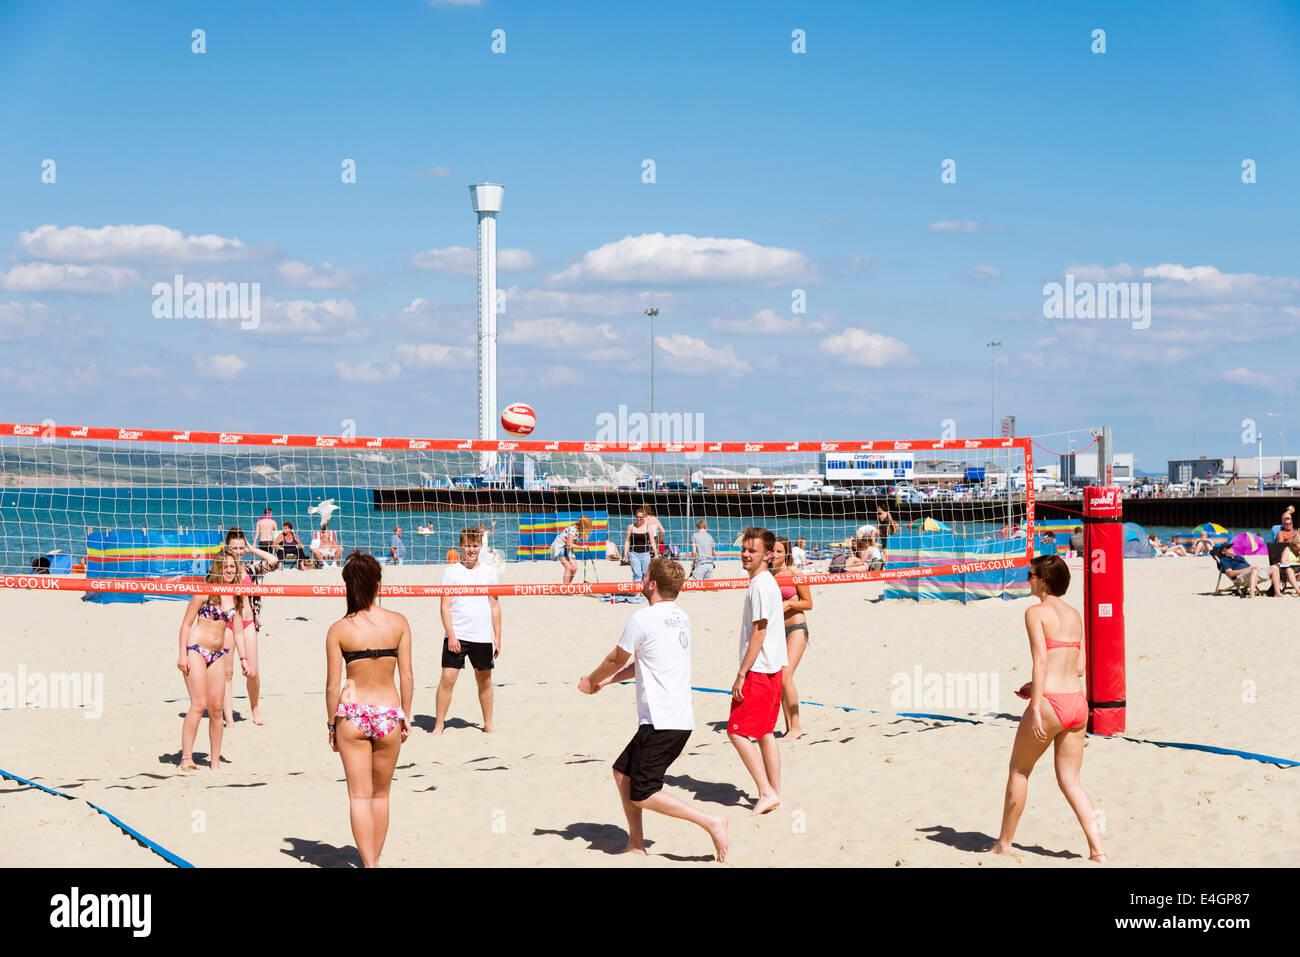 Personas jugando voleibol en la playa de Weymouth, en Dorset, Reino Unido. Imagen De Stock